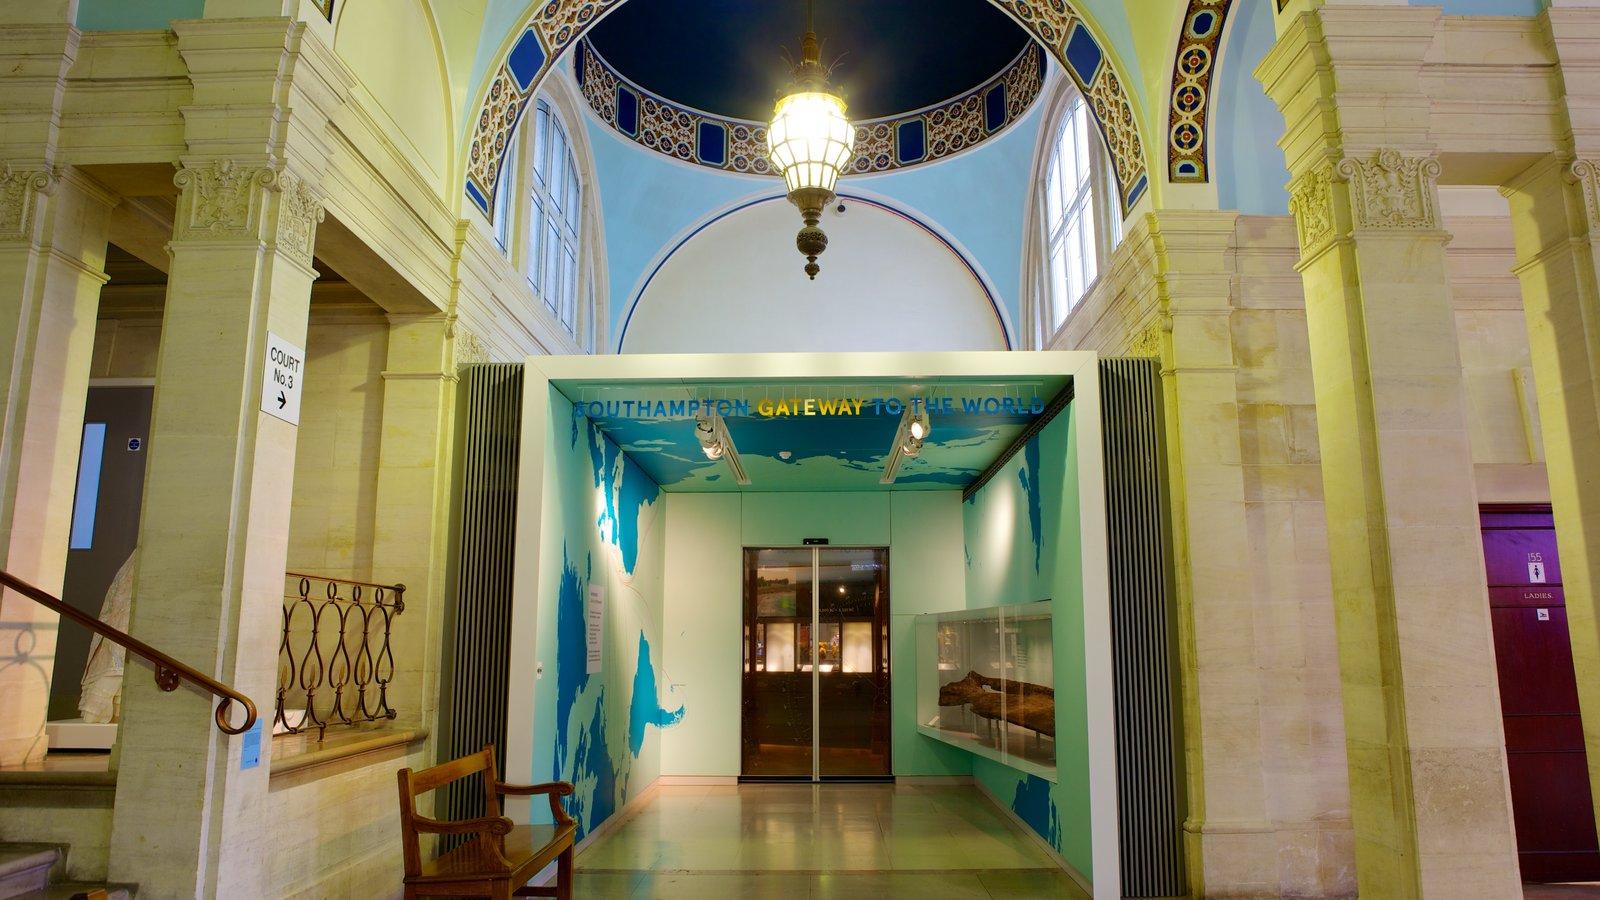 Museo SeaCity mostrando vistas interiores